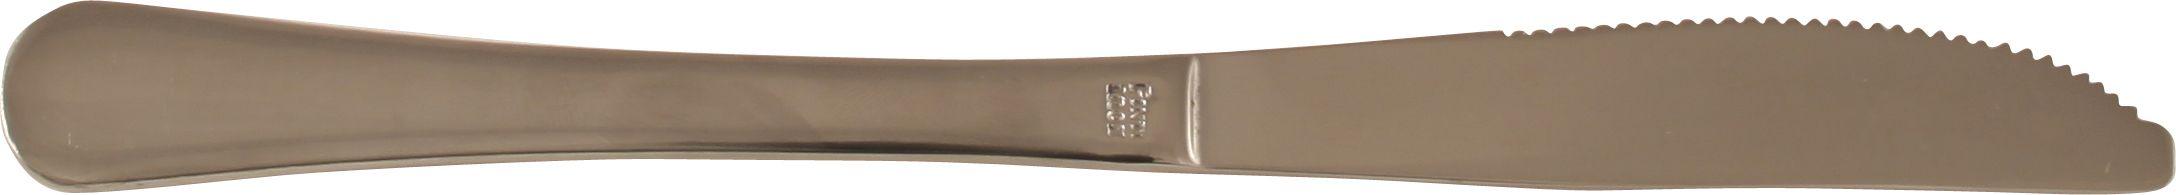 Нож десертный Стреза 18/10 2 мм фото, купить в Липецке   Uliss Trade